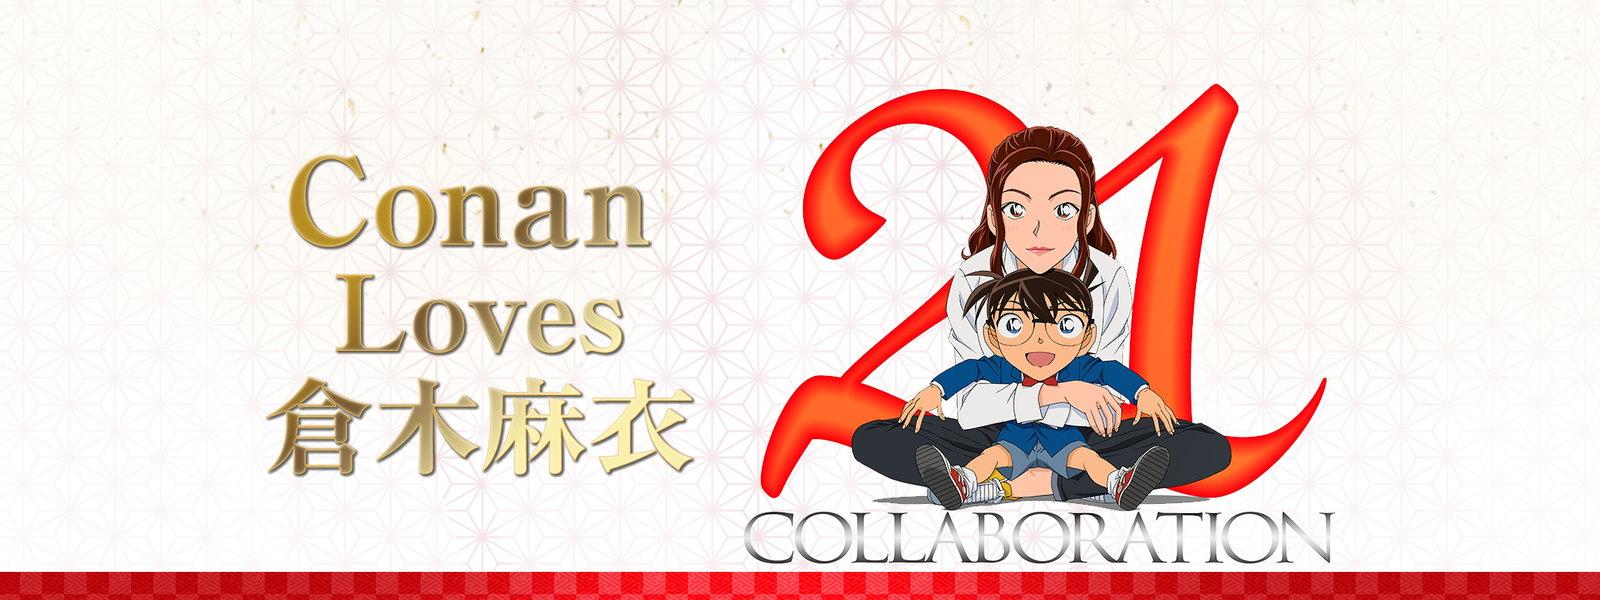 Conan Loves 倉木麻衣 動画